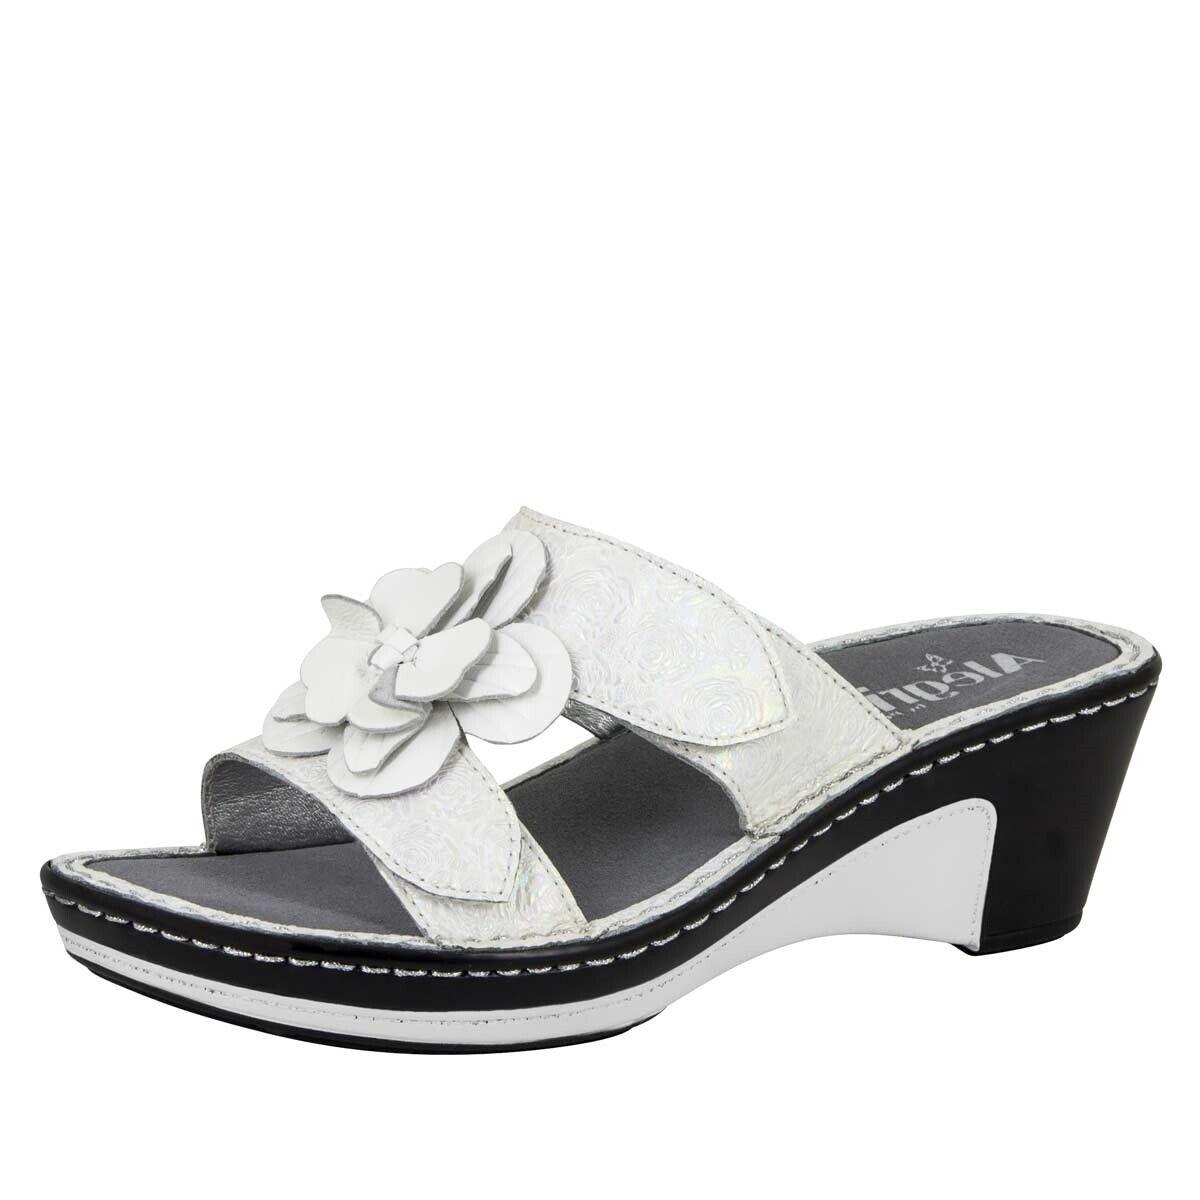 Nouveau Alegria Lana en cuir des sandales compensées fleur blanc perle UE 42 US 11.5-12